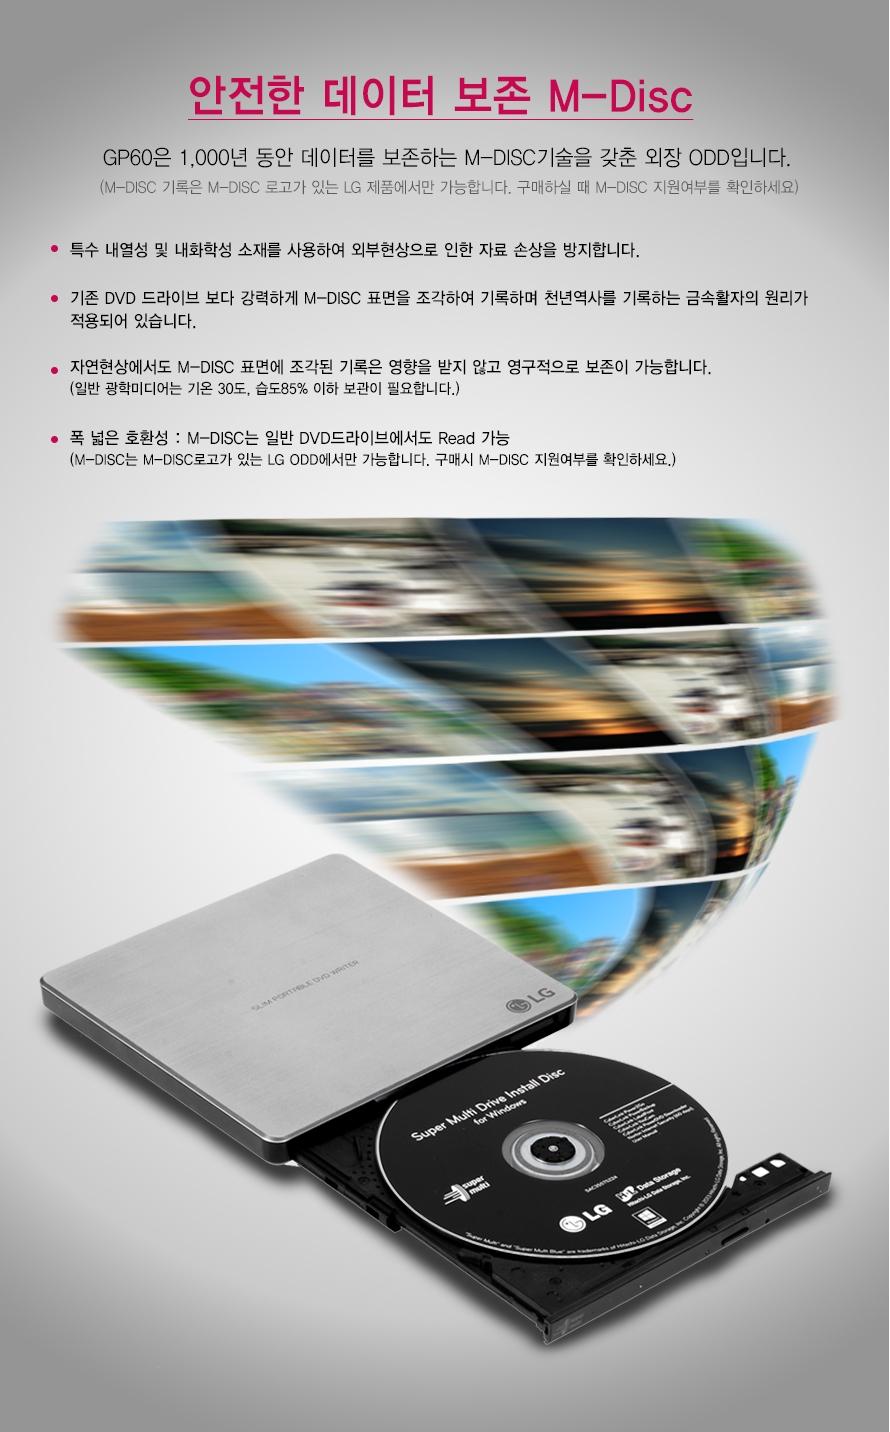 안전한 데이터 보존 M-Disc    GP60은 1,000년 동안 데이터를 보존하는 M-DISC기술을 갖춘 외장 ODD입니다.    (M-DISC 기록은 M-DISC 로고가 있는 LG 제품에서만 가능합니다. 구매하실 때 M-DISC 지원여부를 확인하세요)    특수 내열성 및 내화학성 소재를 사용하여 외부현상으로 인한 자료 손상을 방지합니다. 기존 DVD 드라이브 보다 강력하게 M-DISC 표면을 조각하여 기록하며 천년역사를 기록하는 금속활자의 원리가적용되어 있습니다.자연현상에서도 M-DISC 표면에 조각된 기록은 영향을 받지 않고 영구적으로 보존이 가능합니다.(일반 광학미디어는 기온 30도, 습도85% 이하 보관이 필요합니다.)폭 넓은 호환성 : M-DISC는 일반 DVD드라이브에서도 Read 가능(M-DISC는 M-DISC로고가 있는 LG ODD에서만 가능합니다. 구매시 M-DISC 지원여부를 확인하세요.)